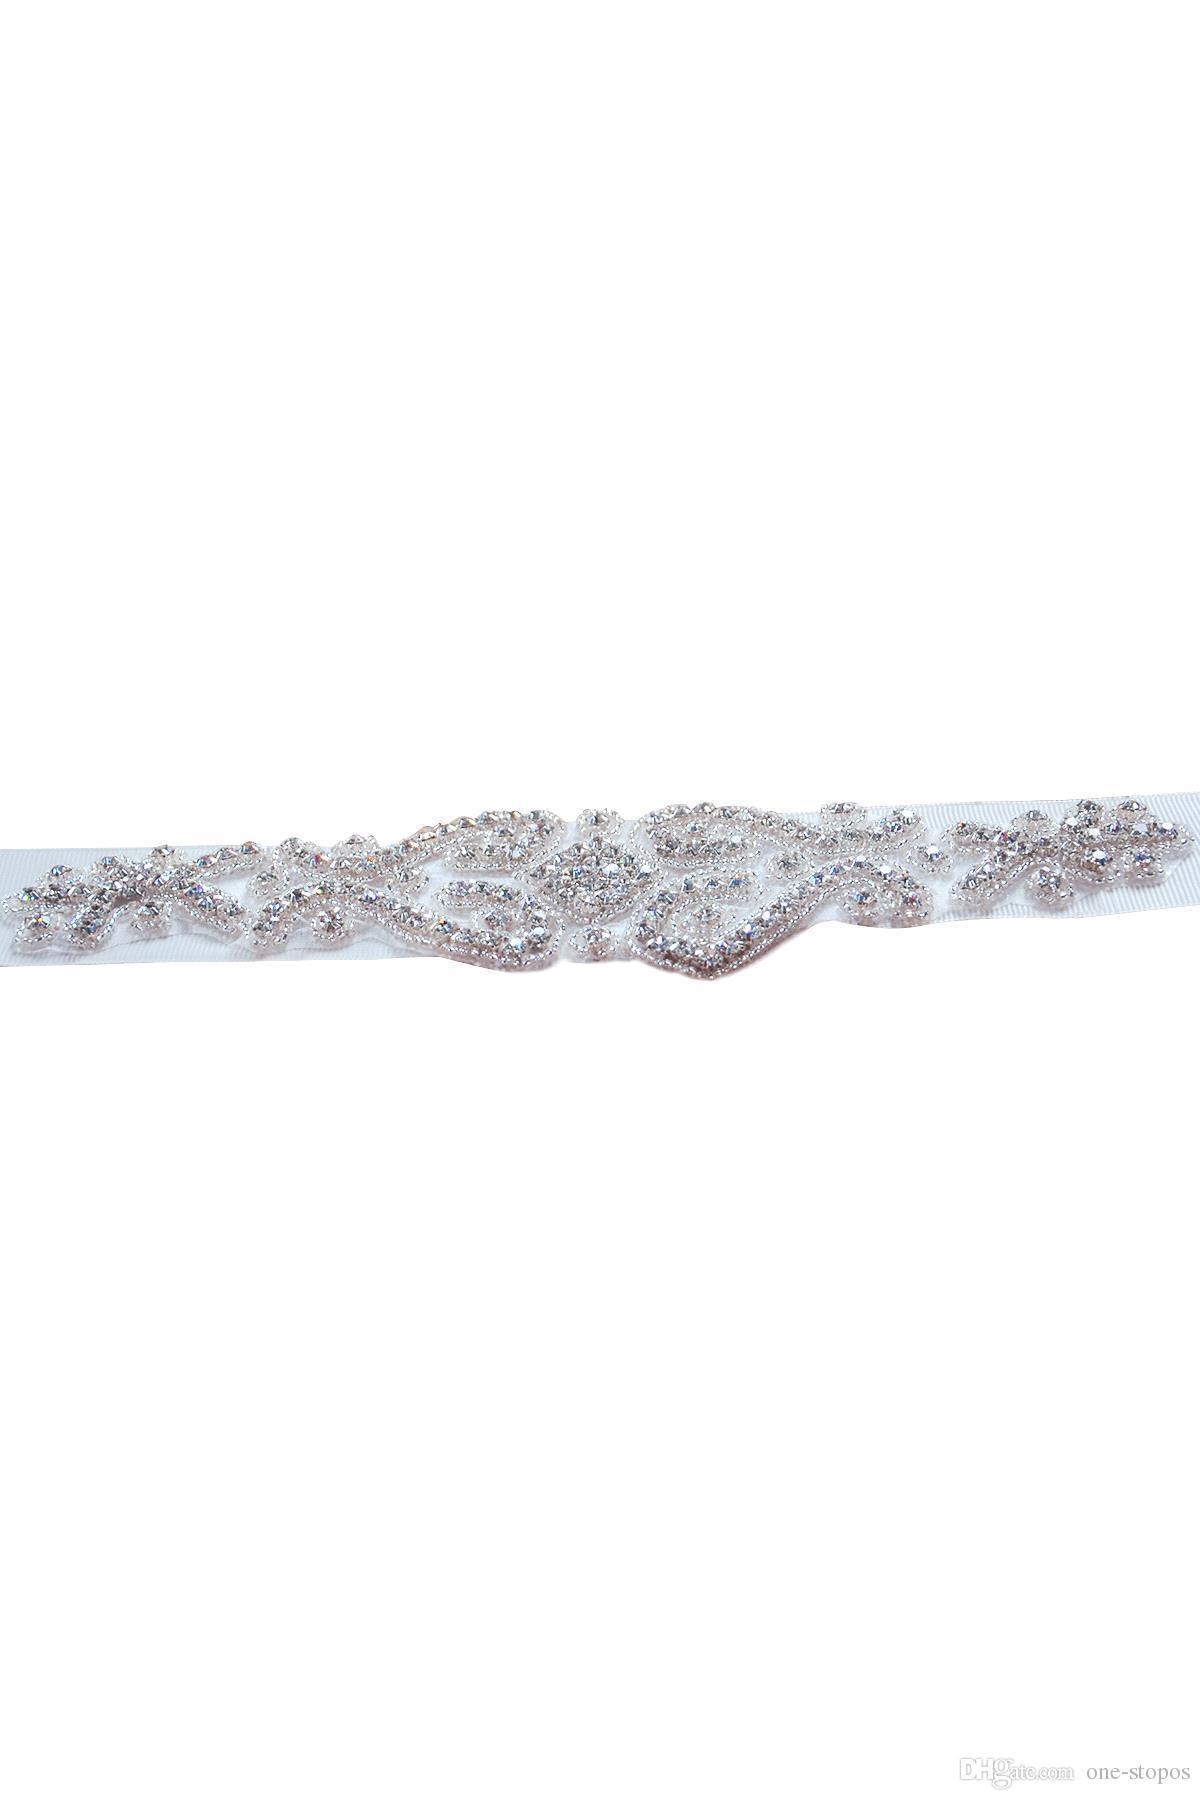 2017 новый горный хрусталь кристалл бисером свадебное платье ютные изображения белый бежевый свадебный ремень дешевый свадьба ремень створки